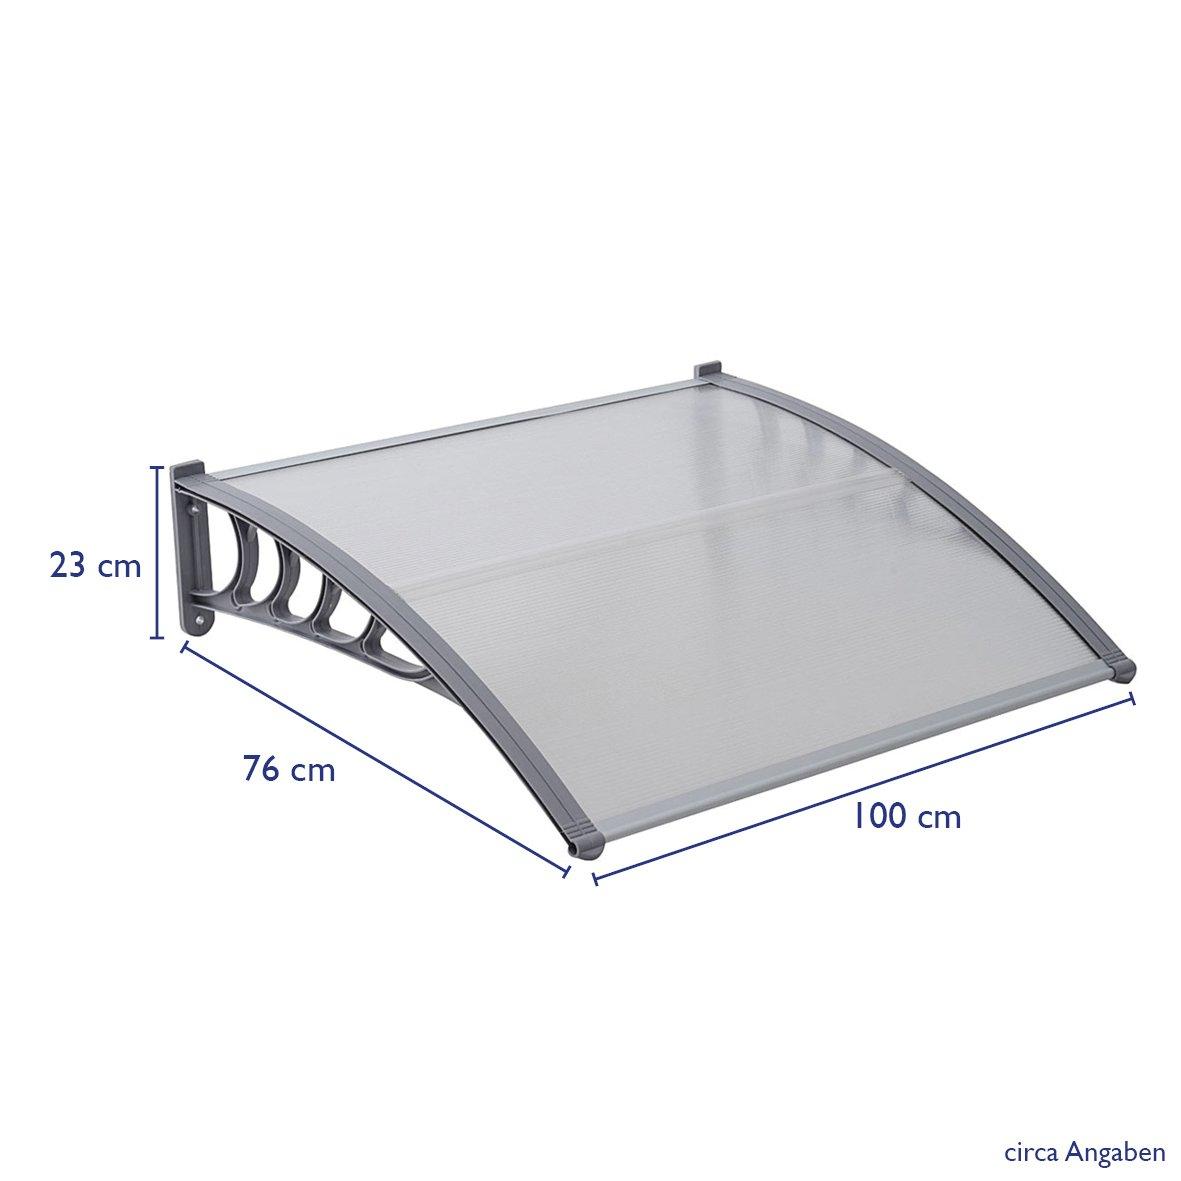 200 x 80 cm SVITA Vordach T/ür-Dach /Überdachung transparent Schutz vor Niederschlag und Witterung